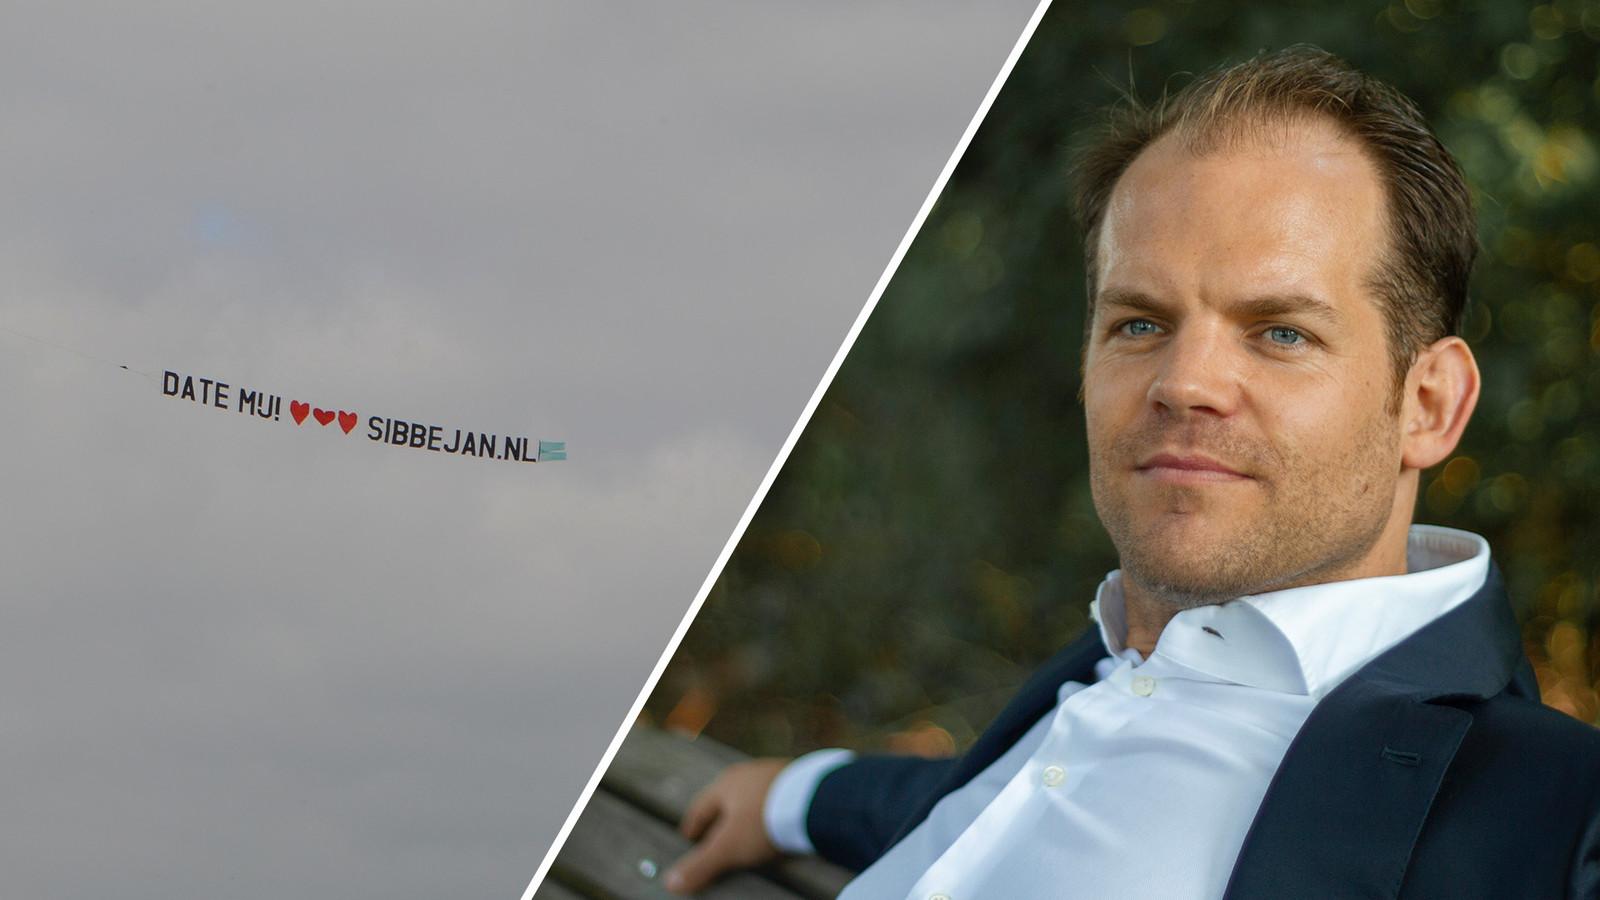 Vrijgezel Sibbe Jan Noppert (34) liet een reclamevliegtuigje boven het land vliegen met: 'Date mij!' en drie hartjes.